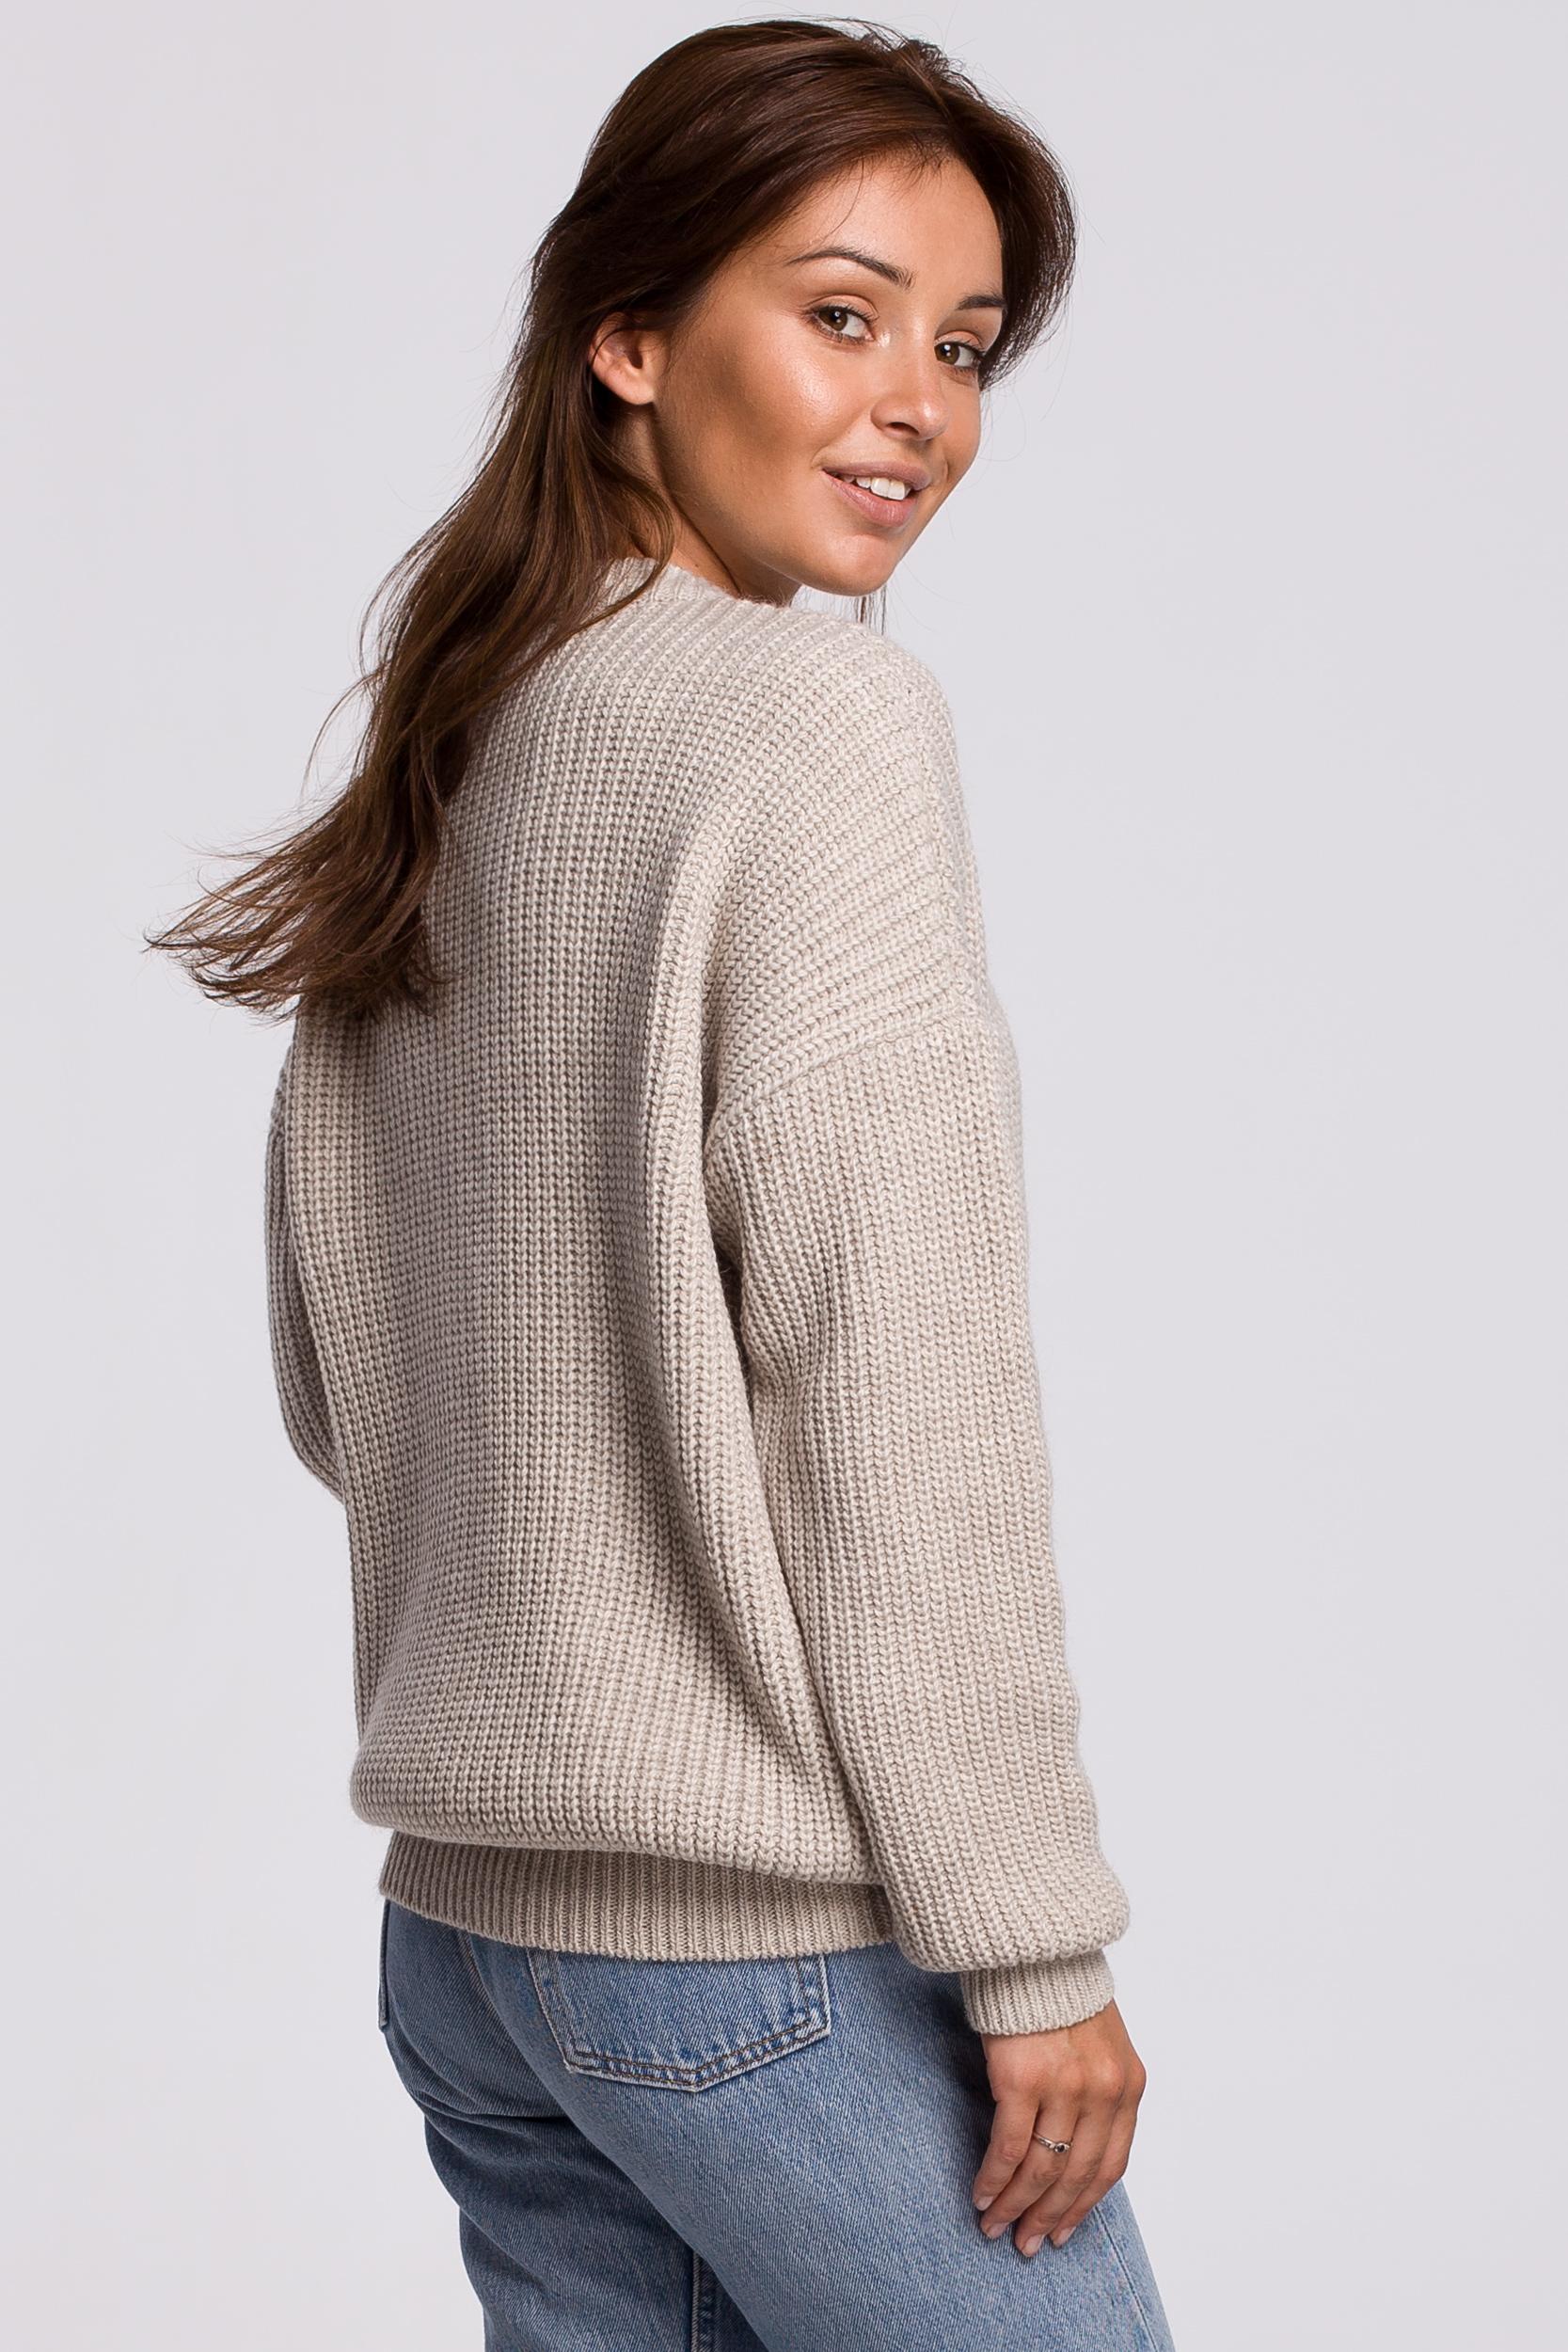 Sweater in Beige Rückansicht